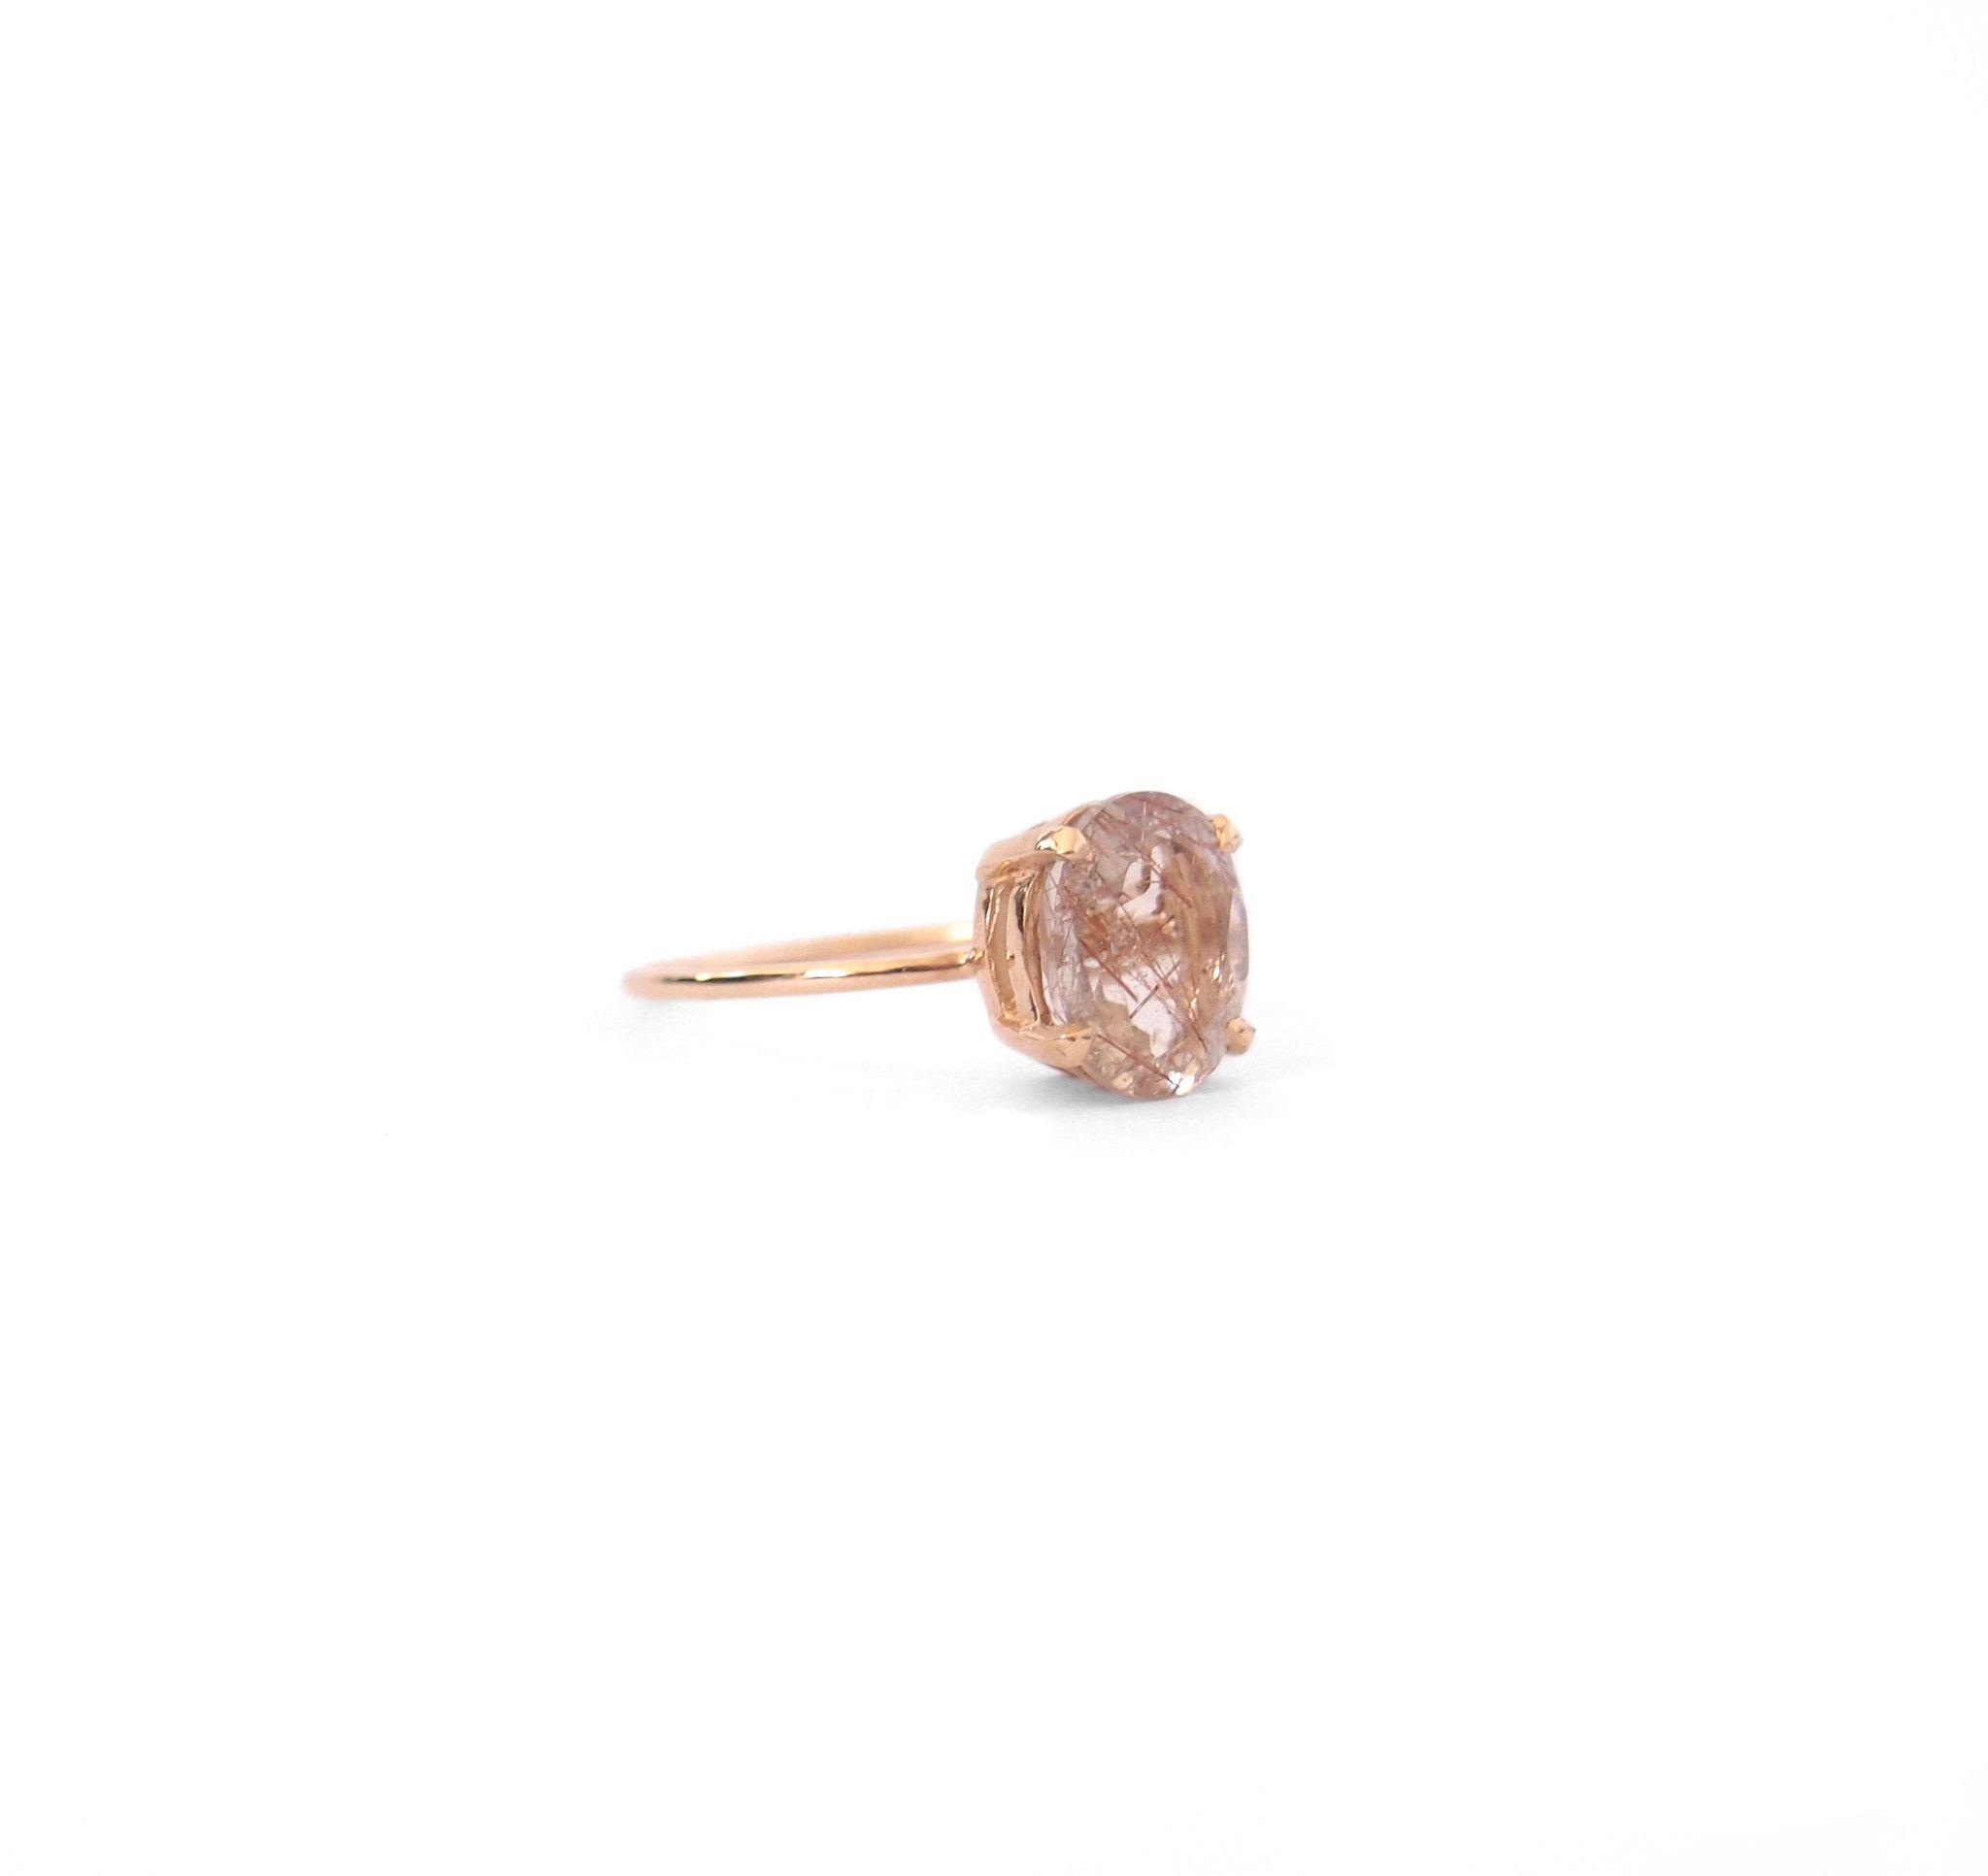 Precious Rutilated Quartz Ring